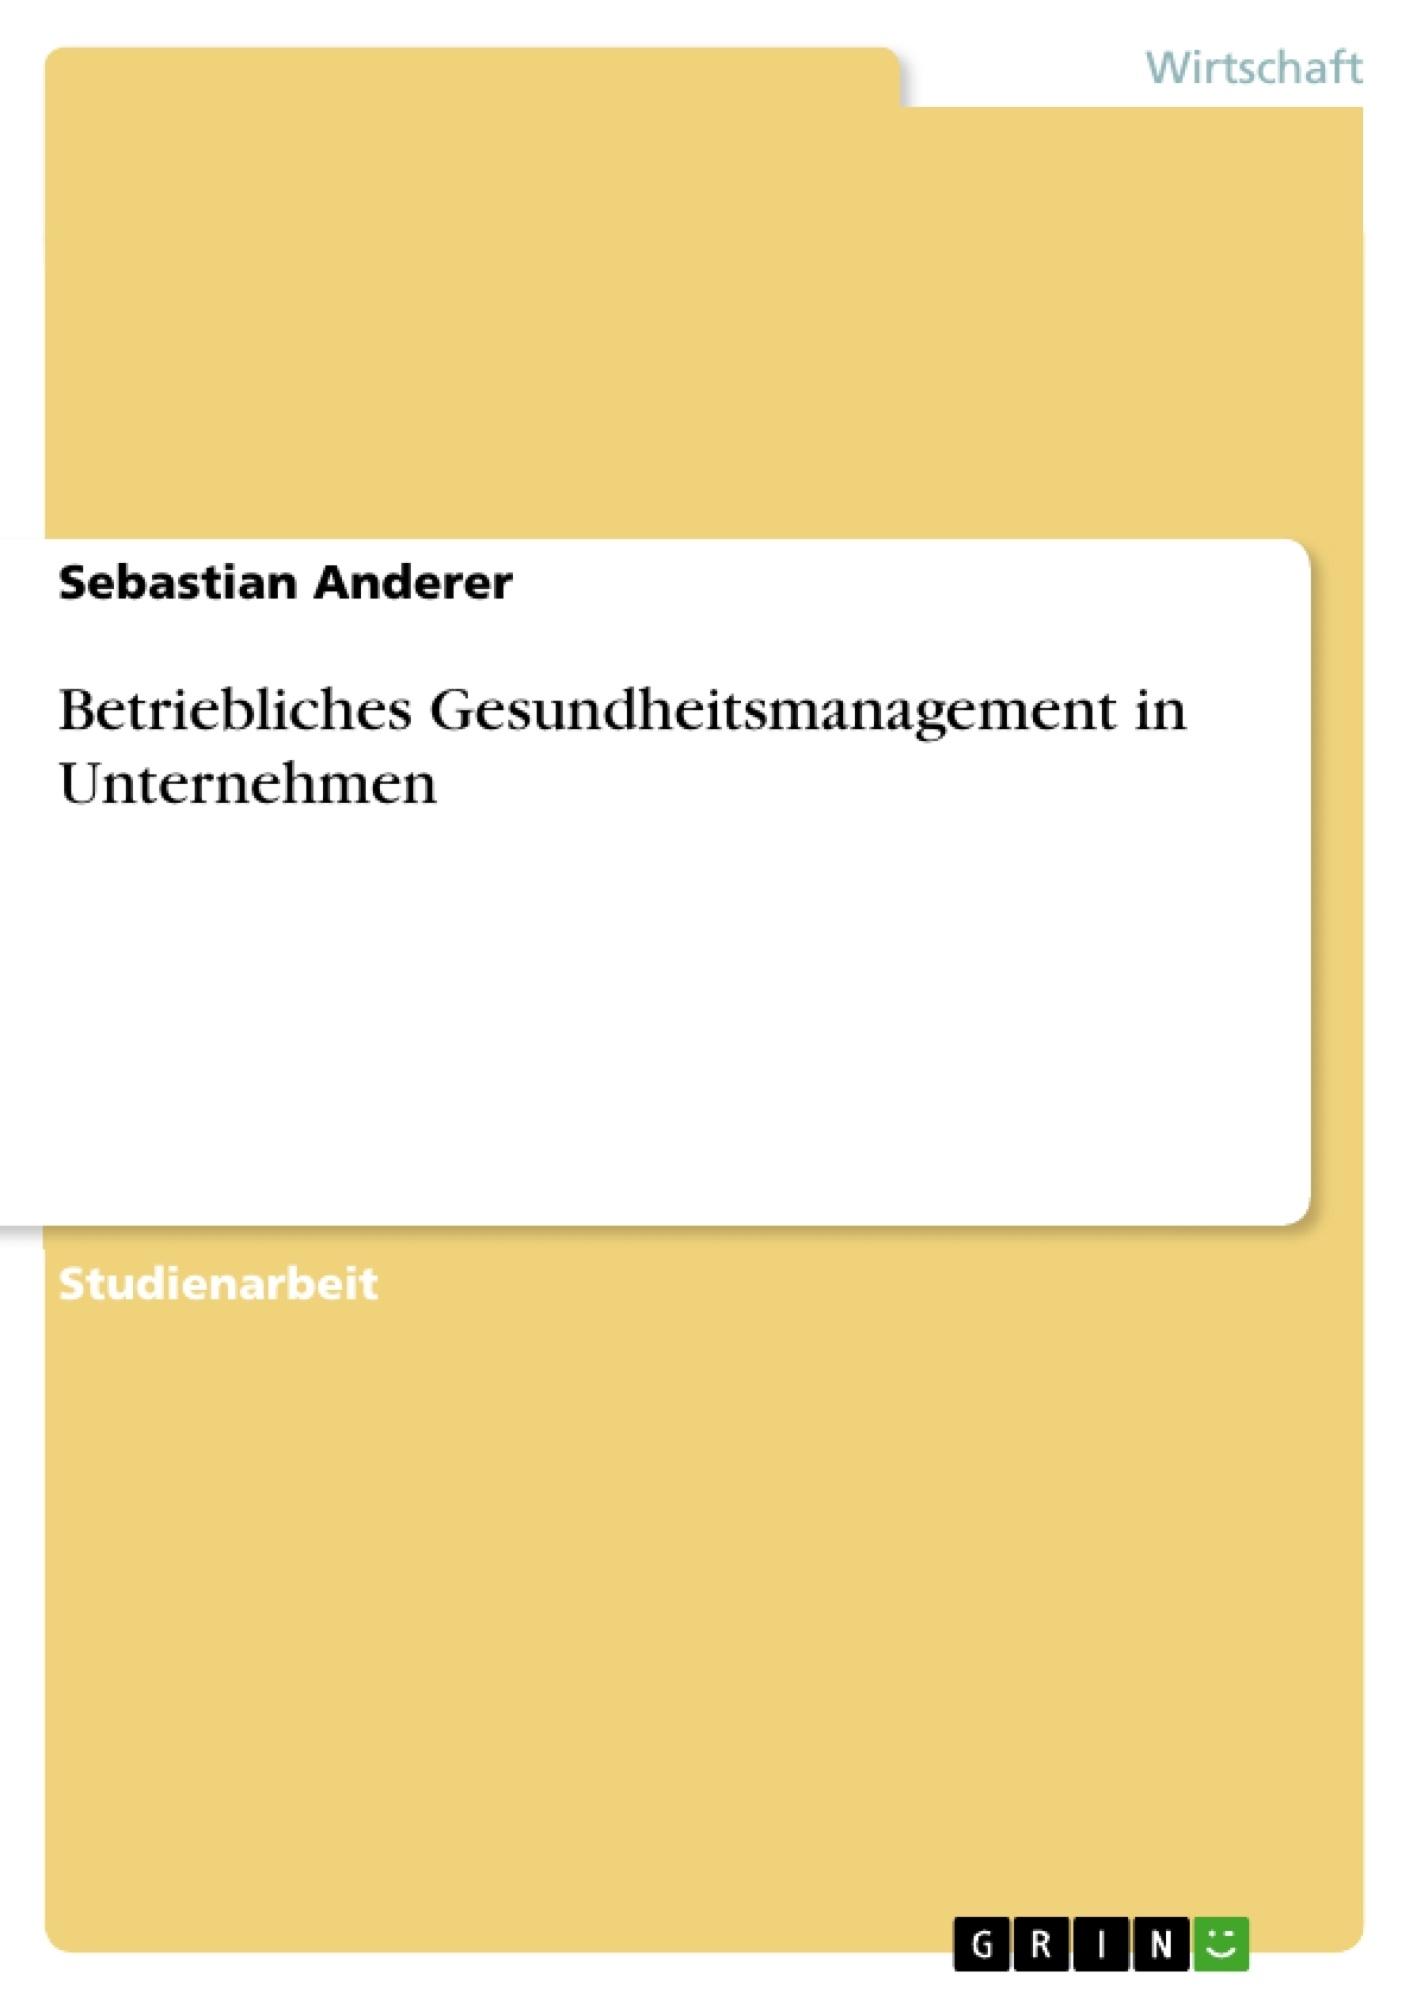 Titel: Betriebliches Gesundheitsmanagement in Unternehmen